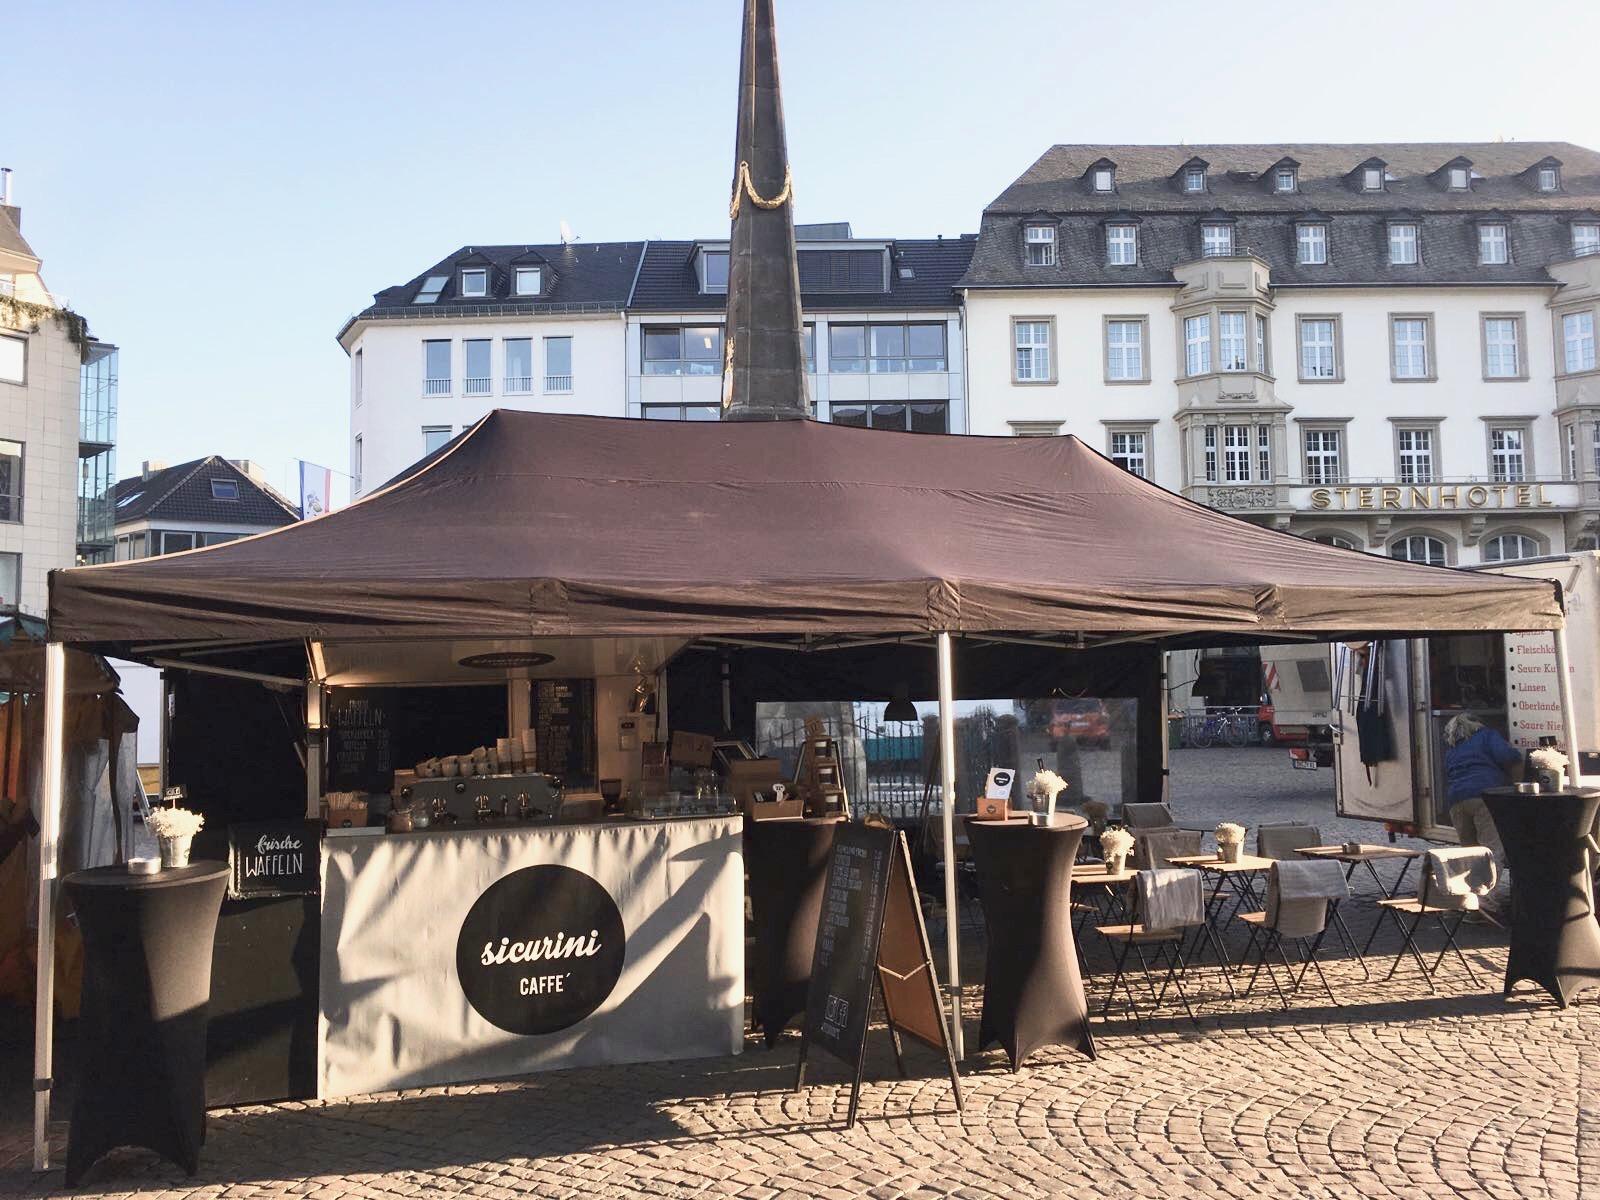 sicurinimobil_bonn_wochenmarkt_wdr_lokalzeit_2